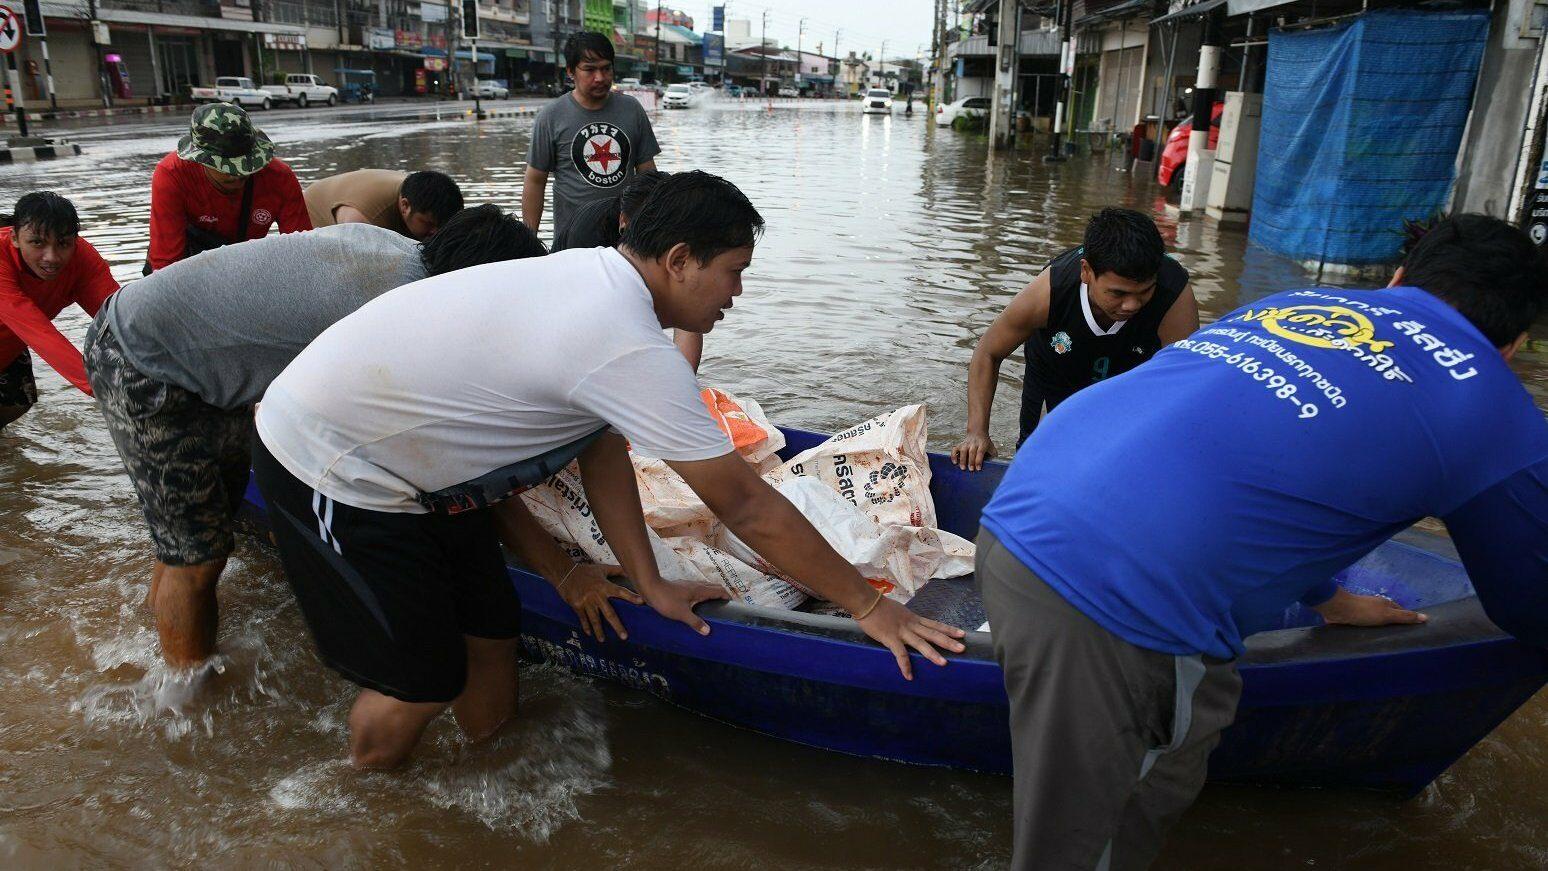 ชาวบ้านเผยสภาพความยากลำบาก หลังน้ำท่วมในชัยภูมิ